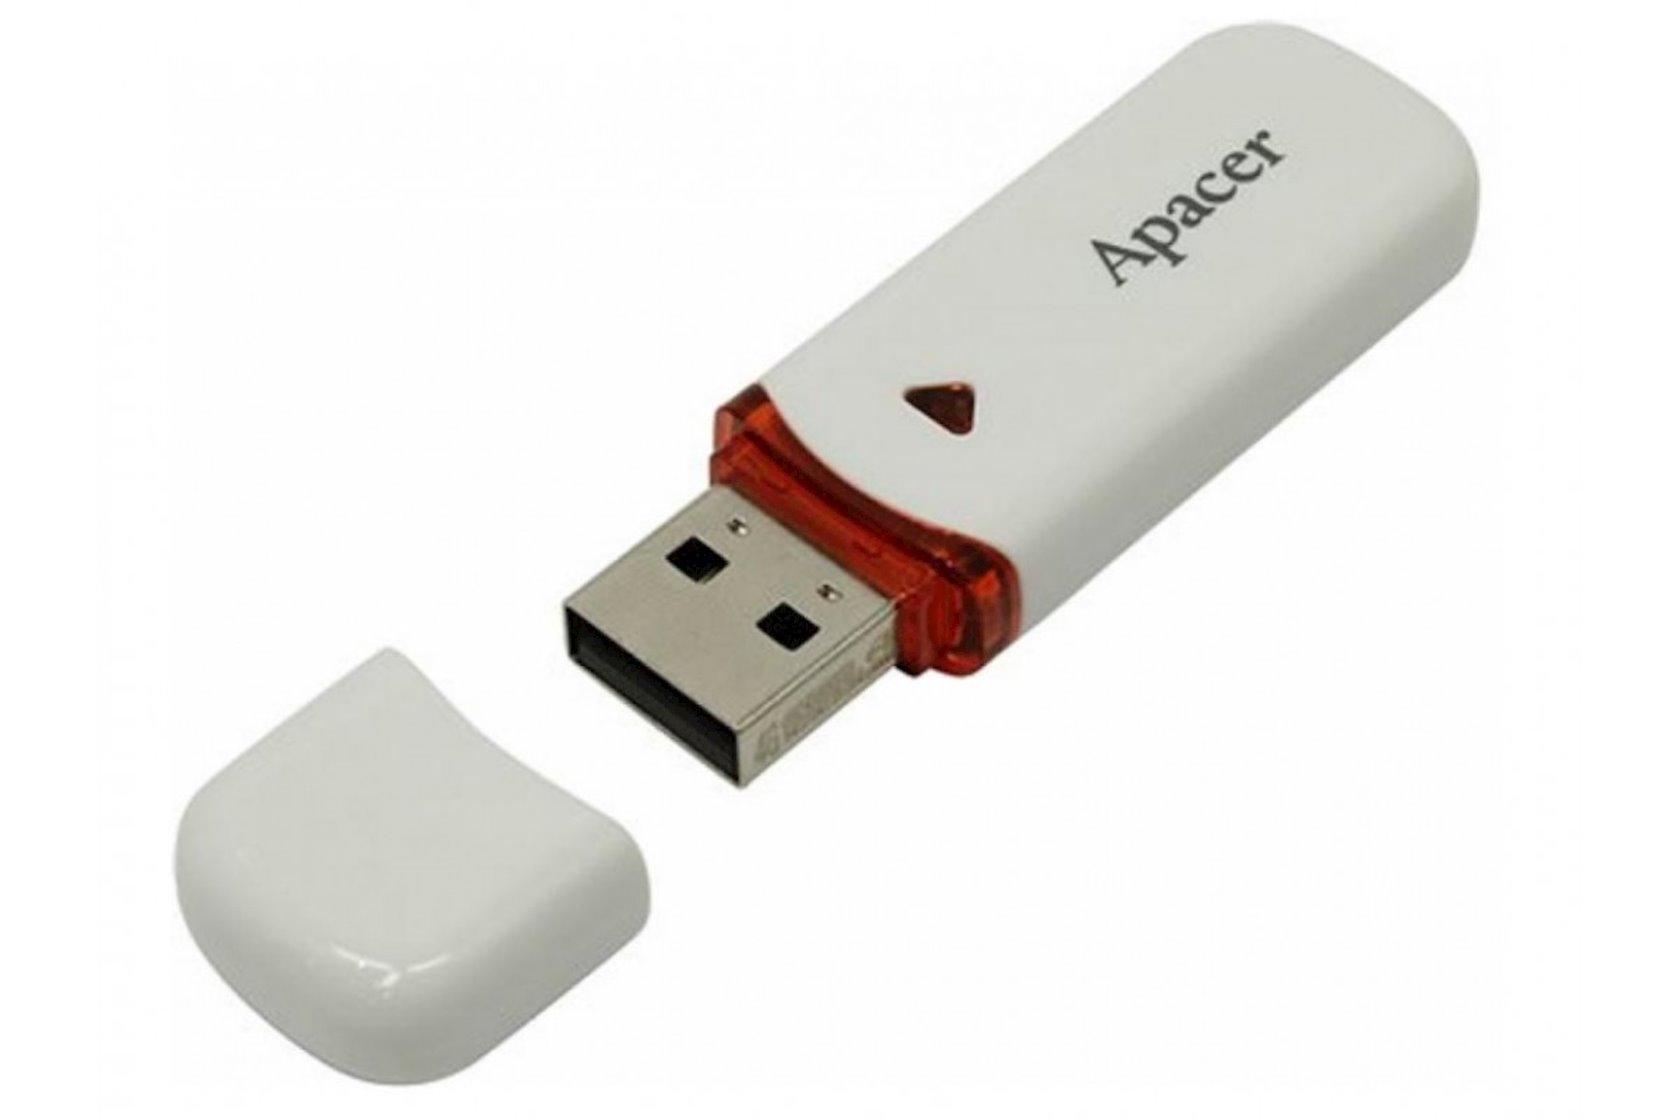 Fləş kart Apacer USB 2.0 AH333 White 32 Gb